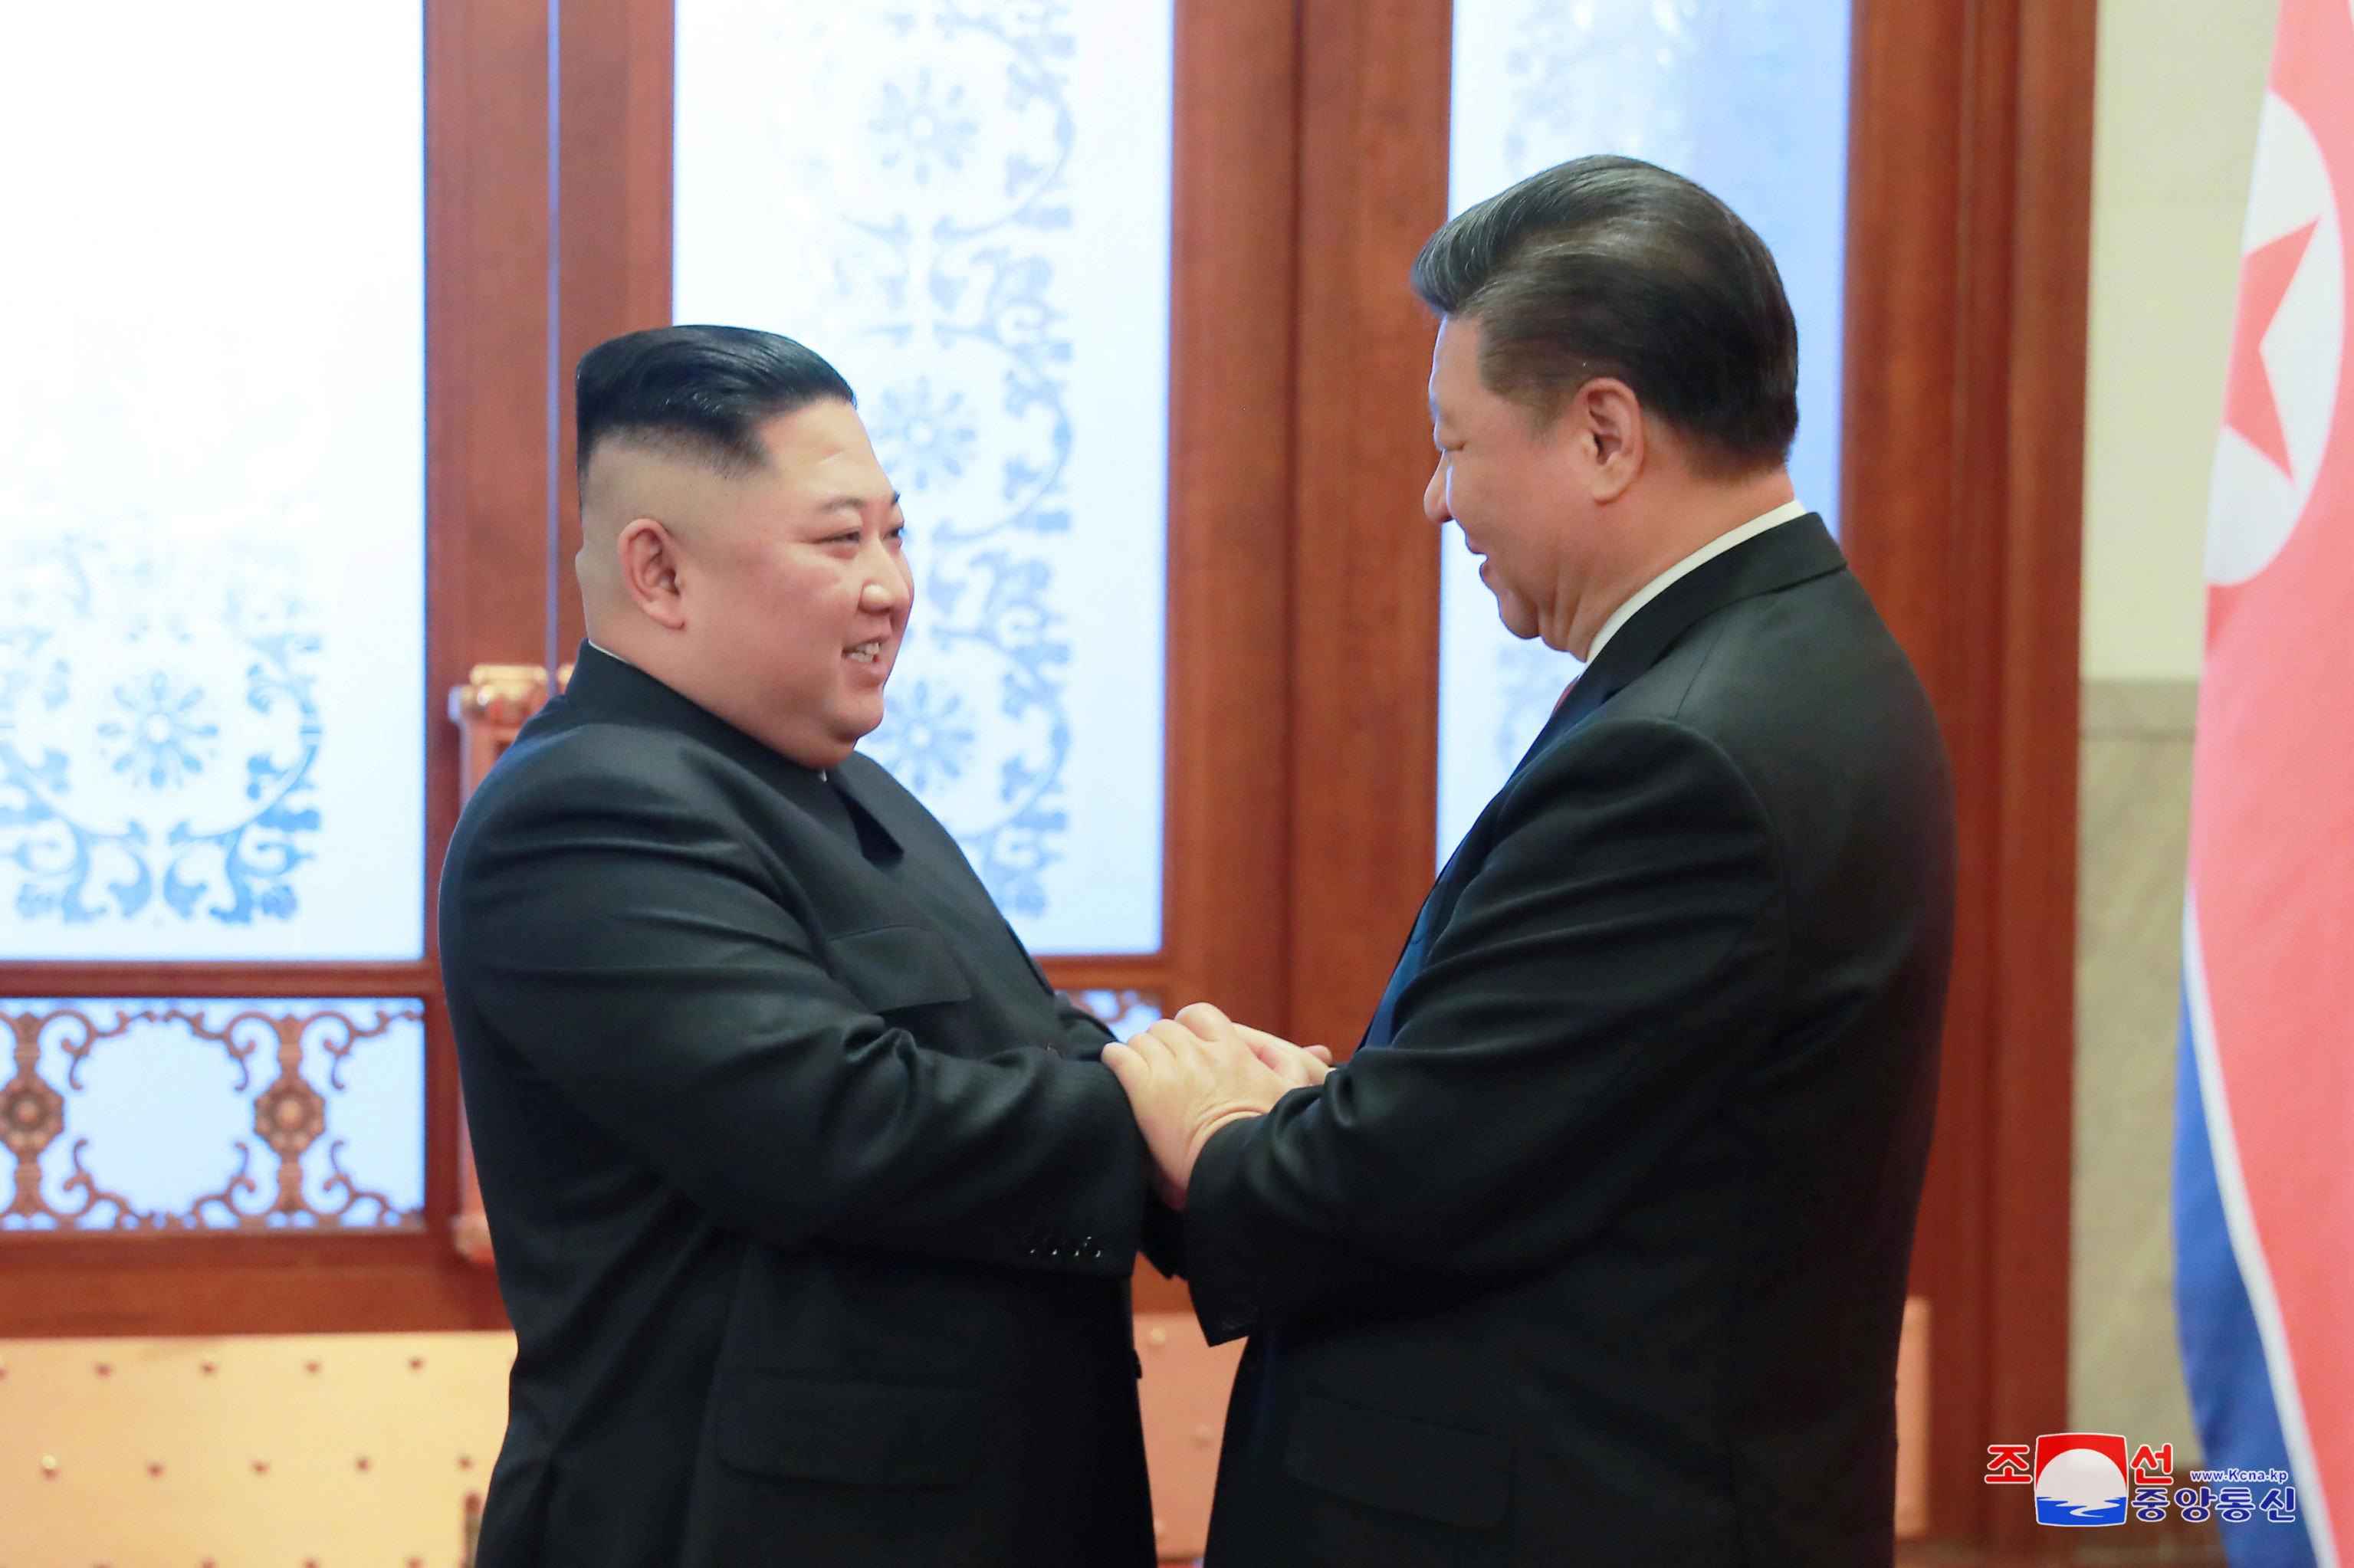 如果习近平出访平壤,将是中国领袖自金正恩2011年12月就职朝鲜最高领导人后的首次访问。中国外交部不掌握有关习近平访问朝鲜的时间和期限信息。